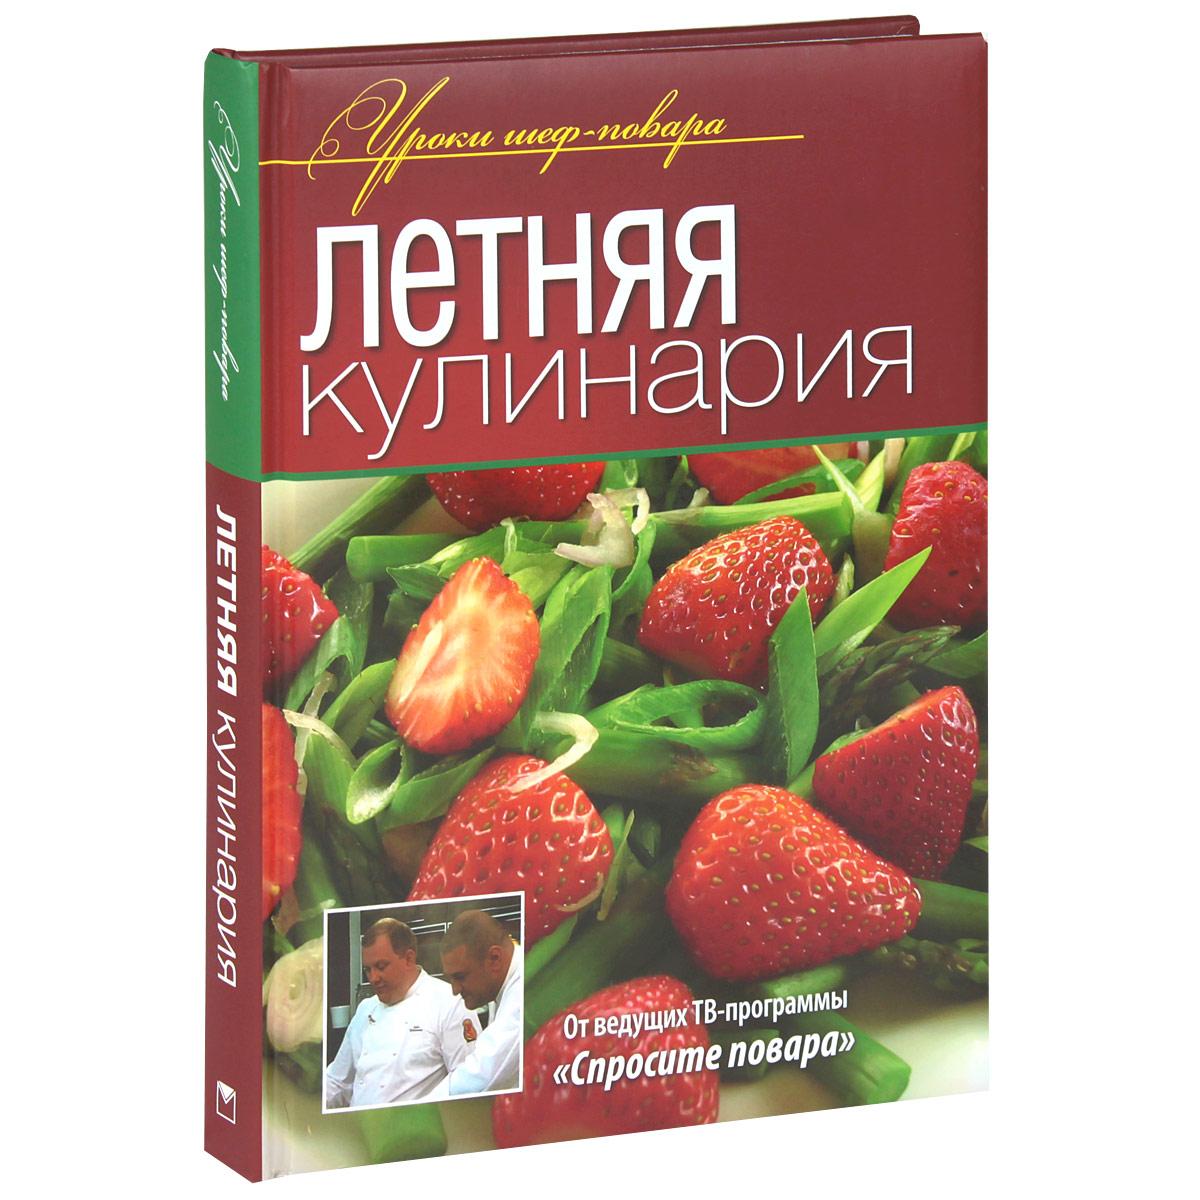 Летняя кулинария кулинария готовые блюда купить